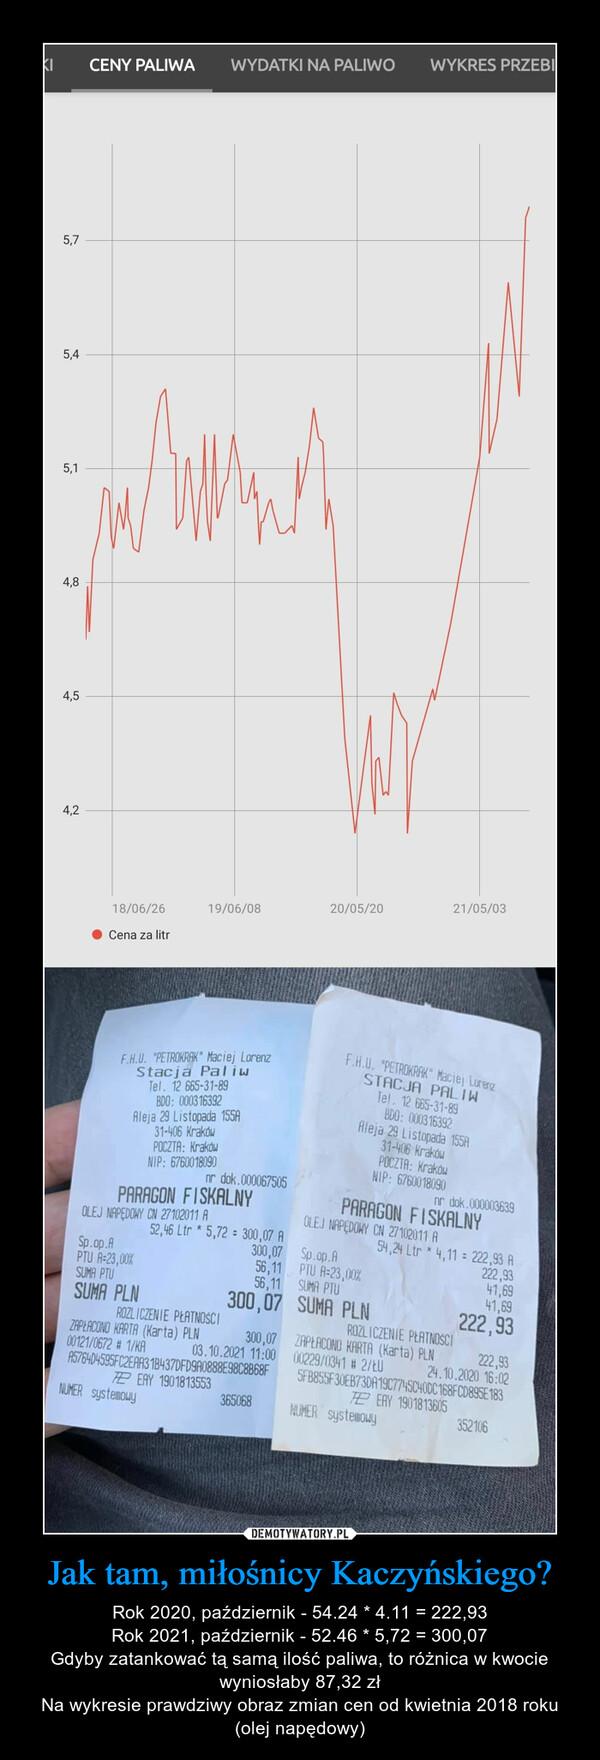 Jak tam, miłośnicy Kaczyńskiego? – Rok 2020, październik - 54.24 * 4.11 = 222,93Rok 2021, październik - 52.46 * 5,72 = 300,07Gdyby zatankować tą samą ilość paliwa, to różnica w kwocie wyniosłaby 87,32 złNa wykresie prawdziwy obraz zmian cen od kwietnia 2018 roku (olej napędowy)